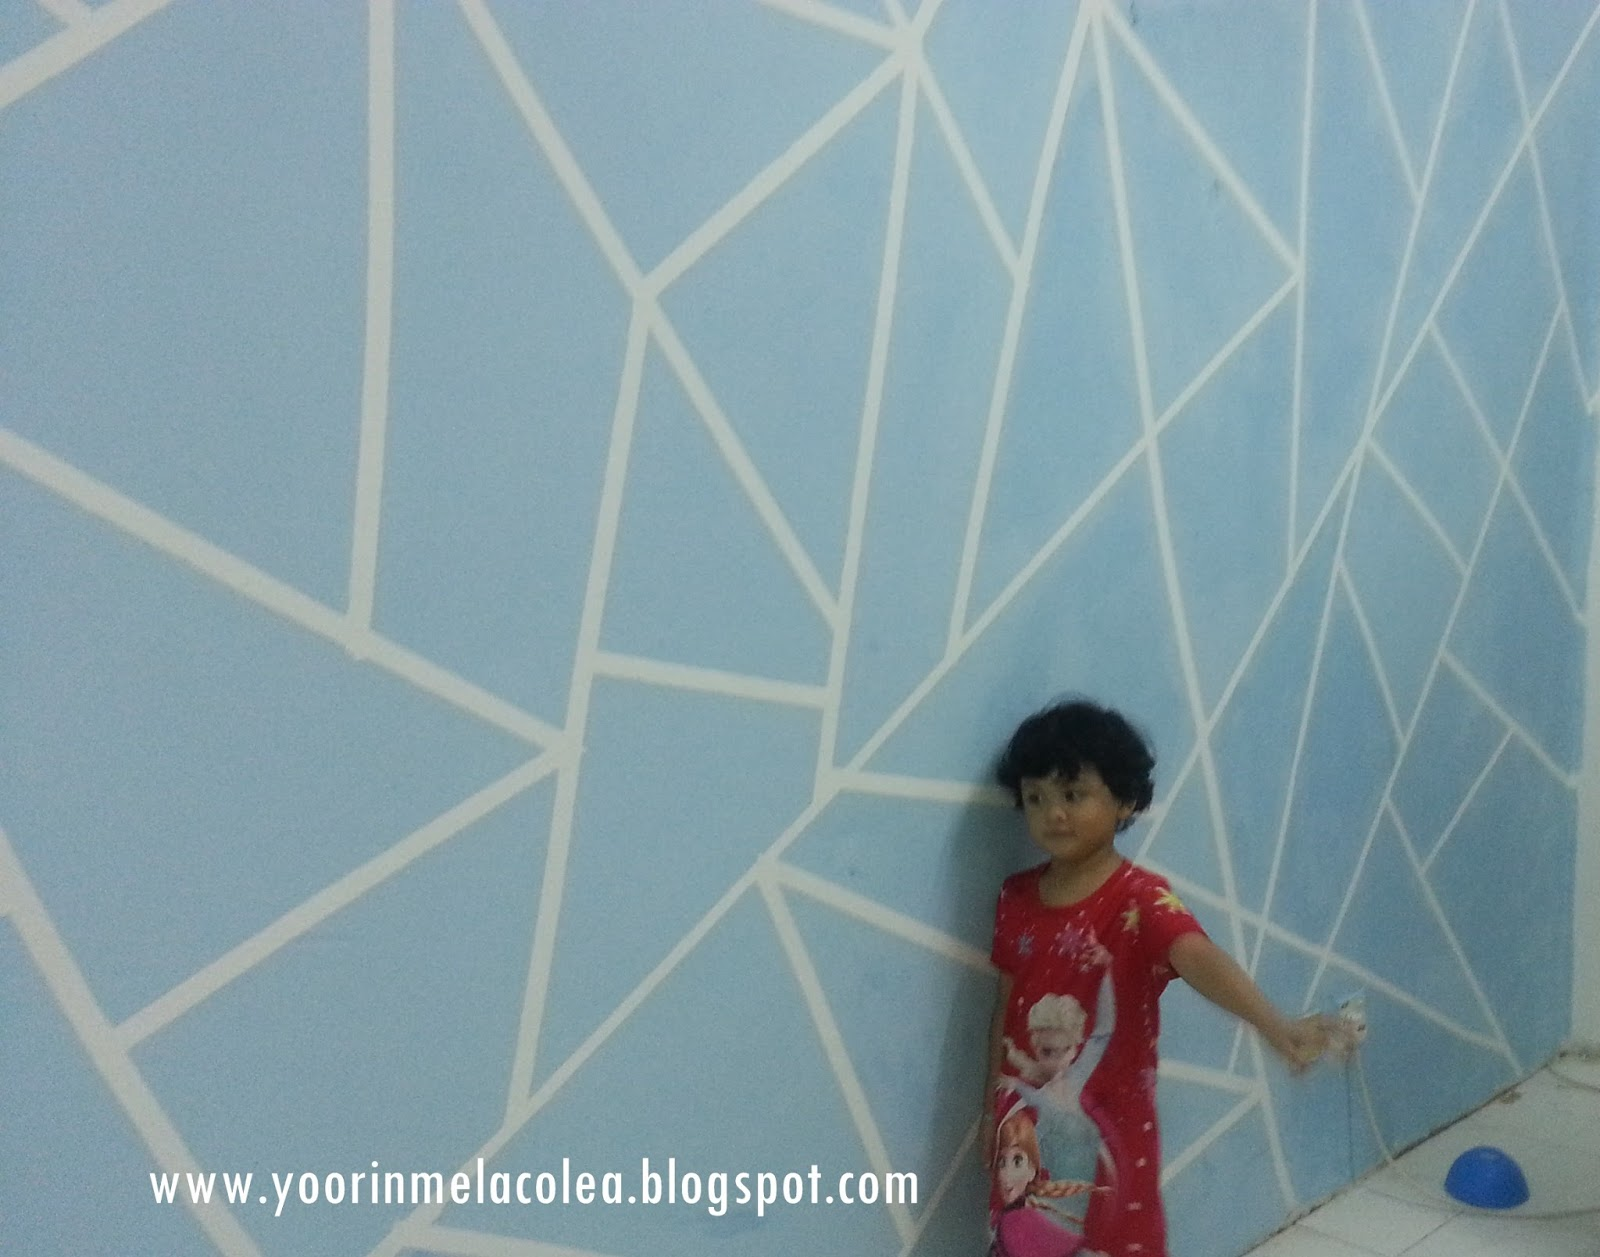 Mommy Yoorin Terjebak Dengan Deco Cat Dinding Geometri